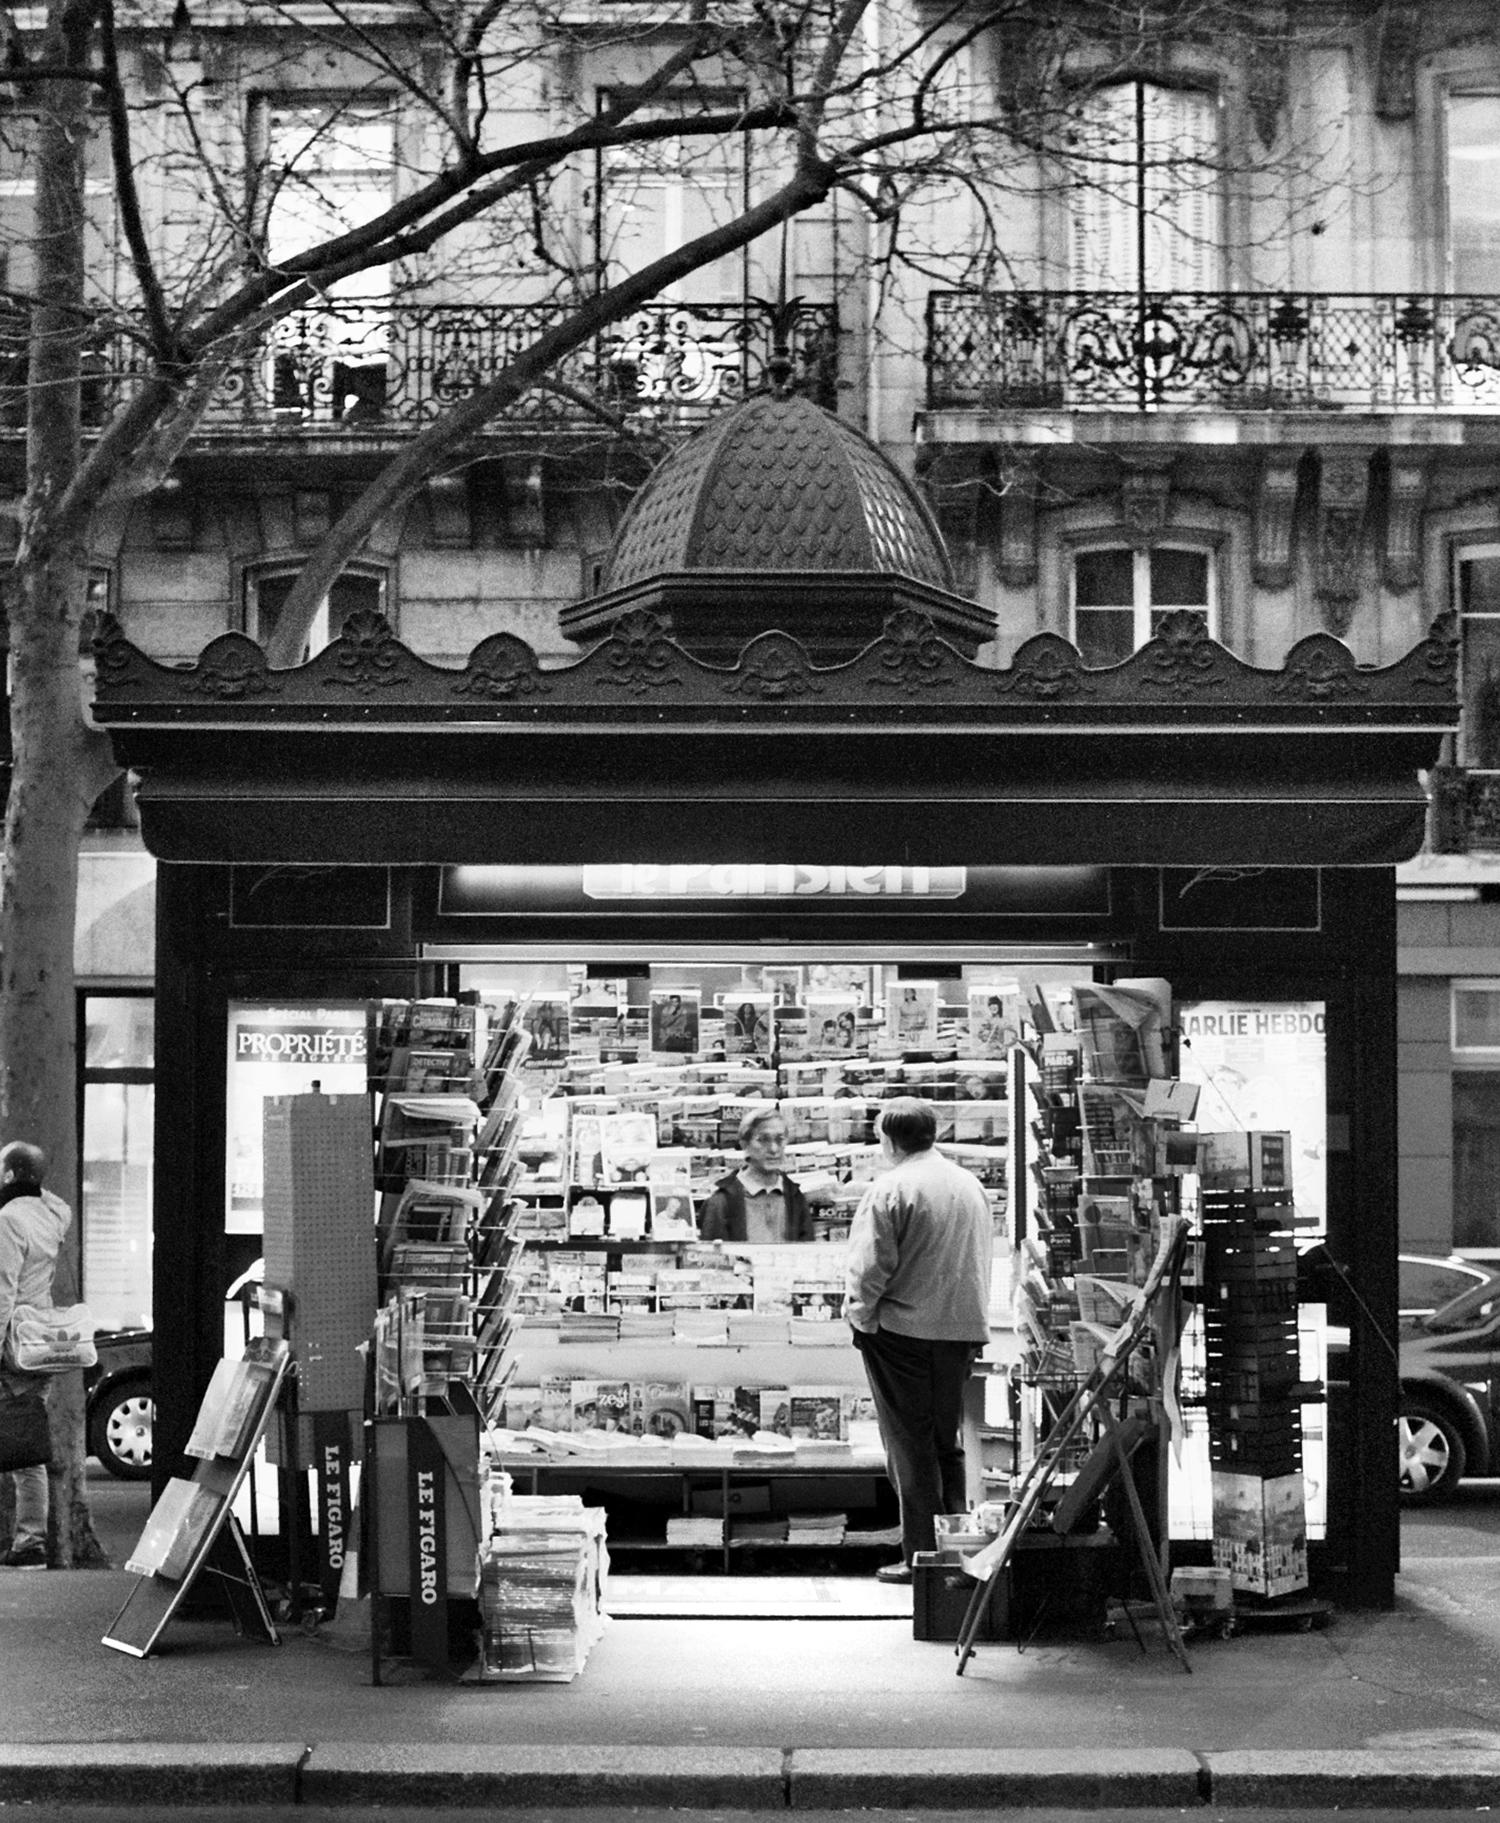 Paris_In_the_Winter025